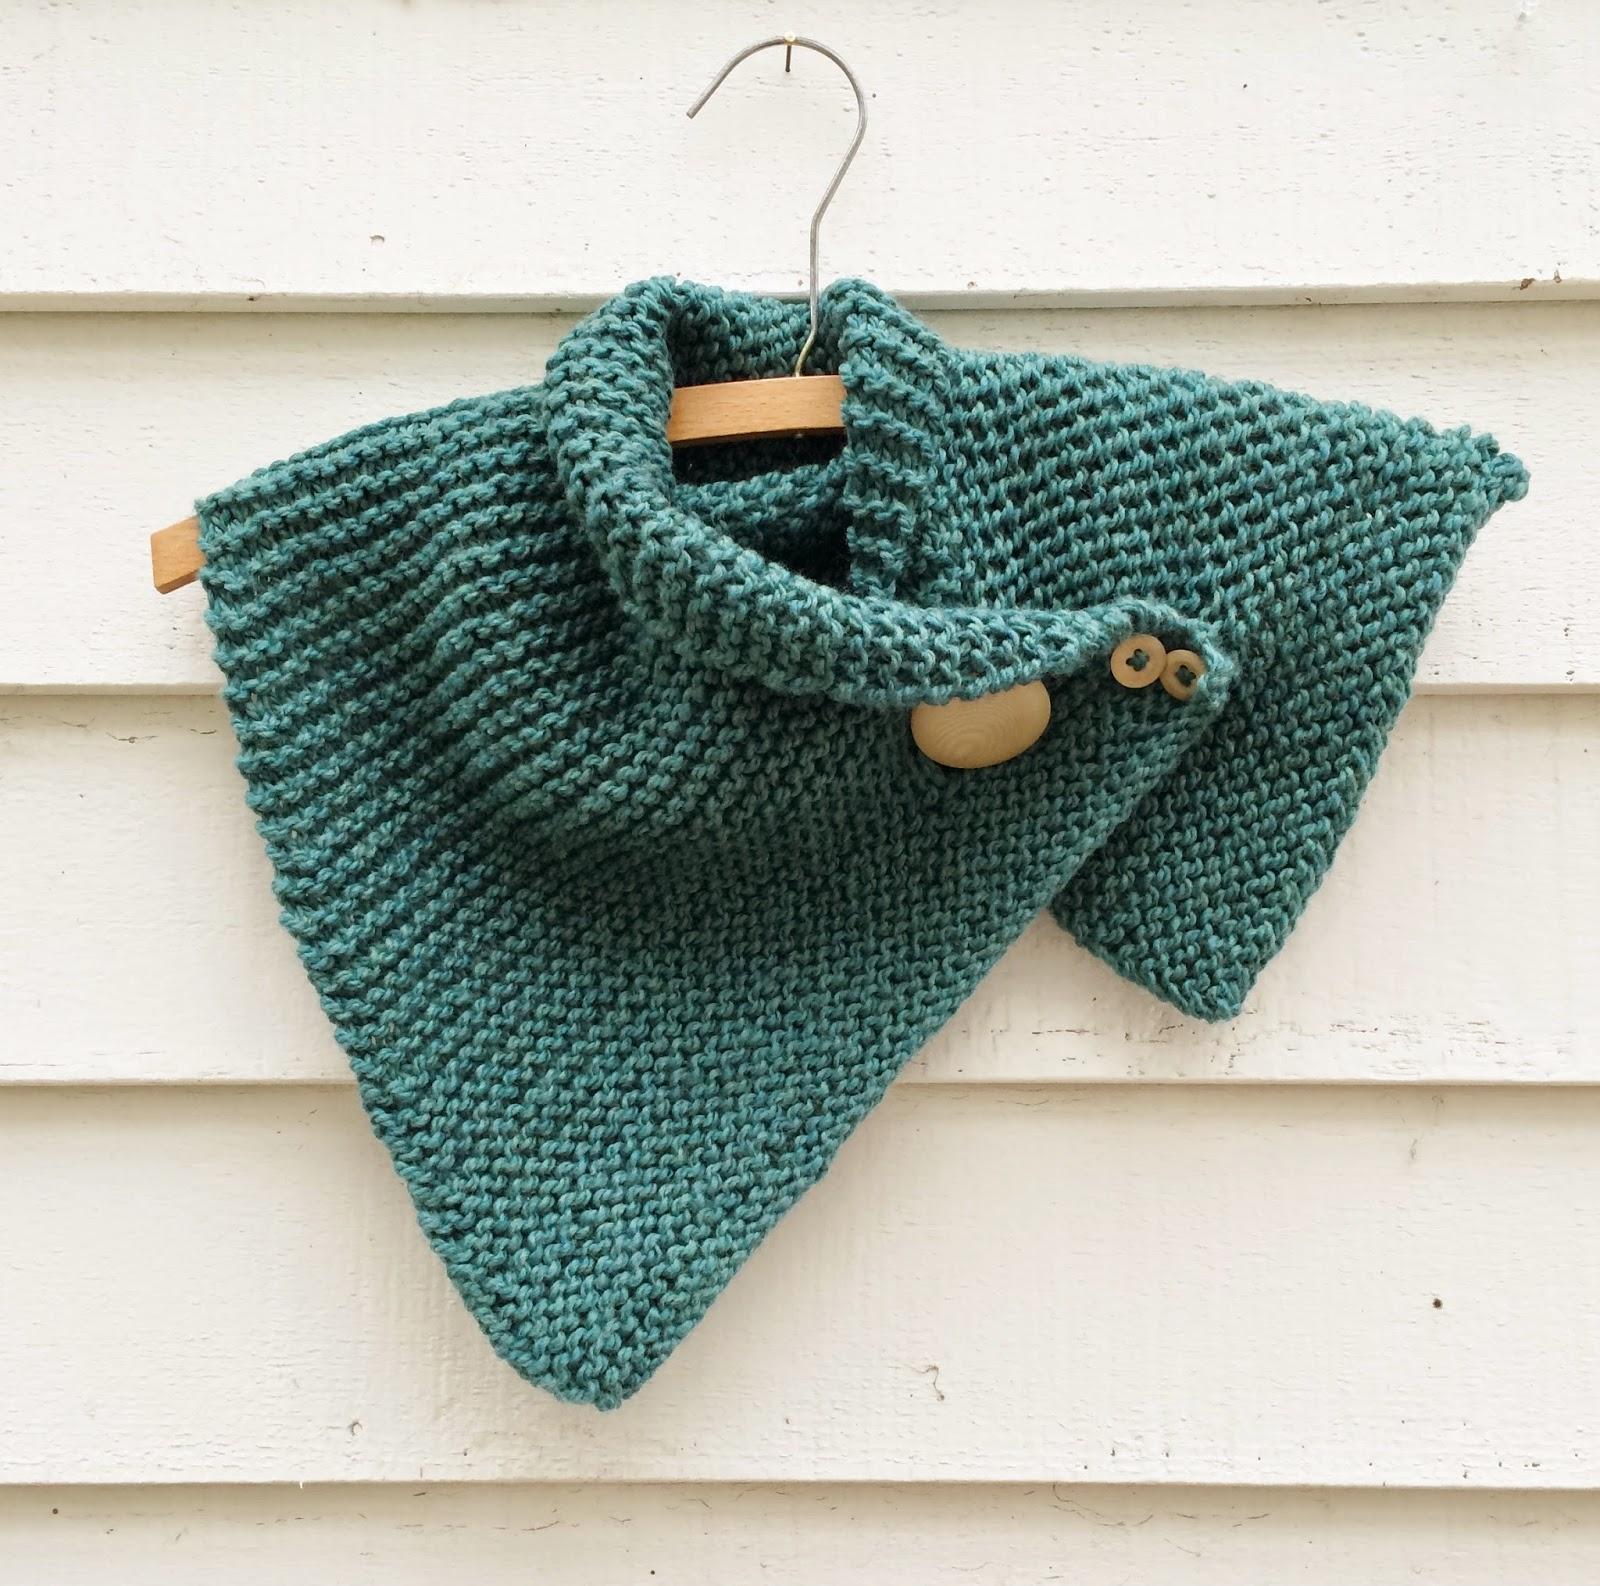 dottie angel: a knitted 1930's neck warmer ...